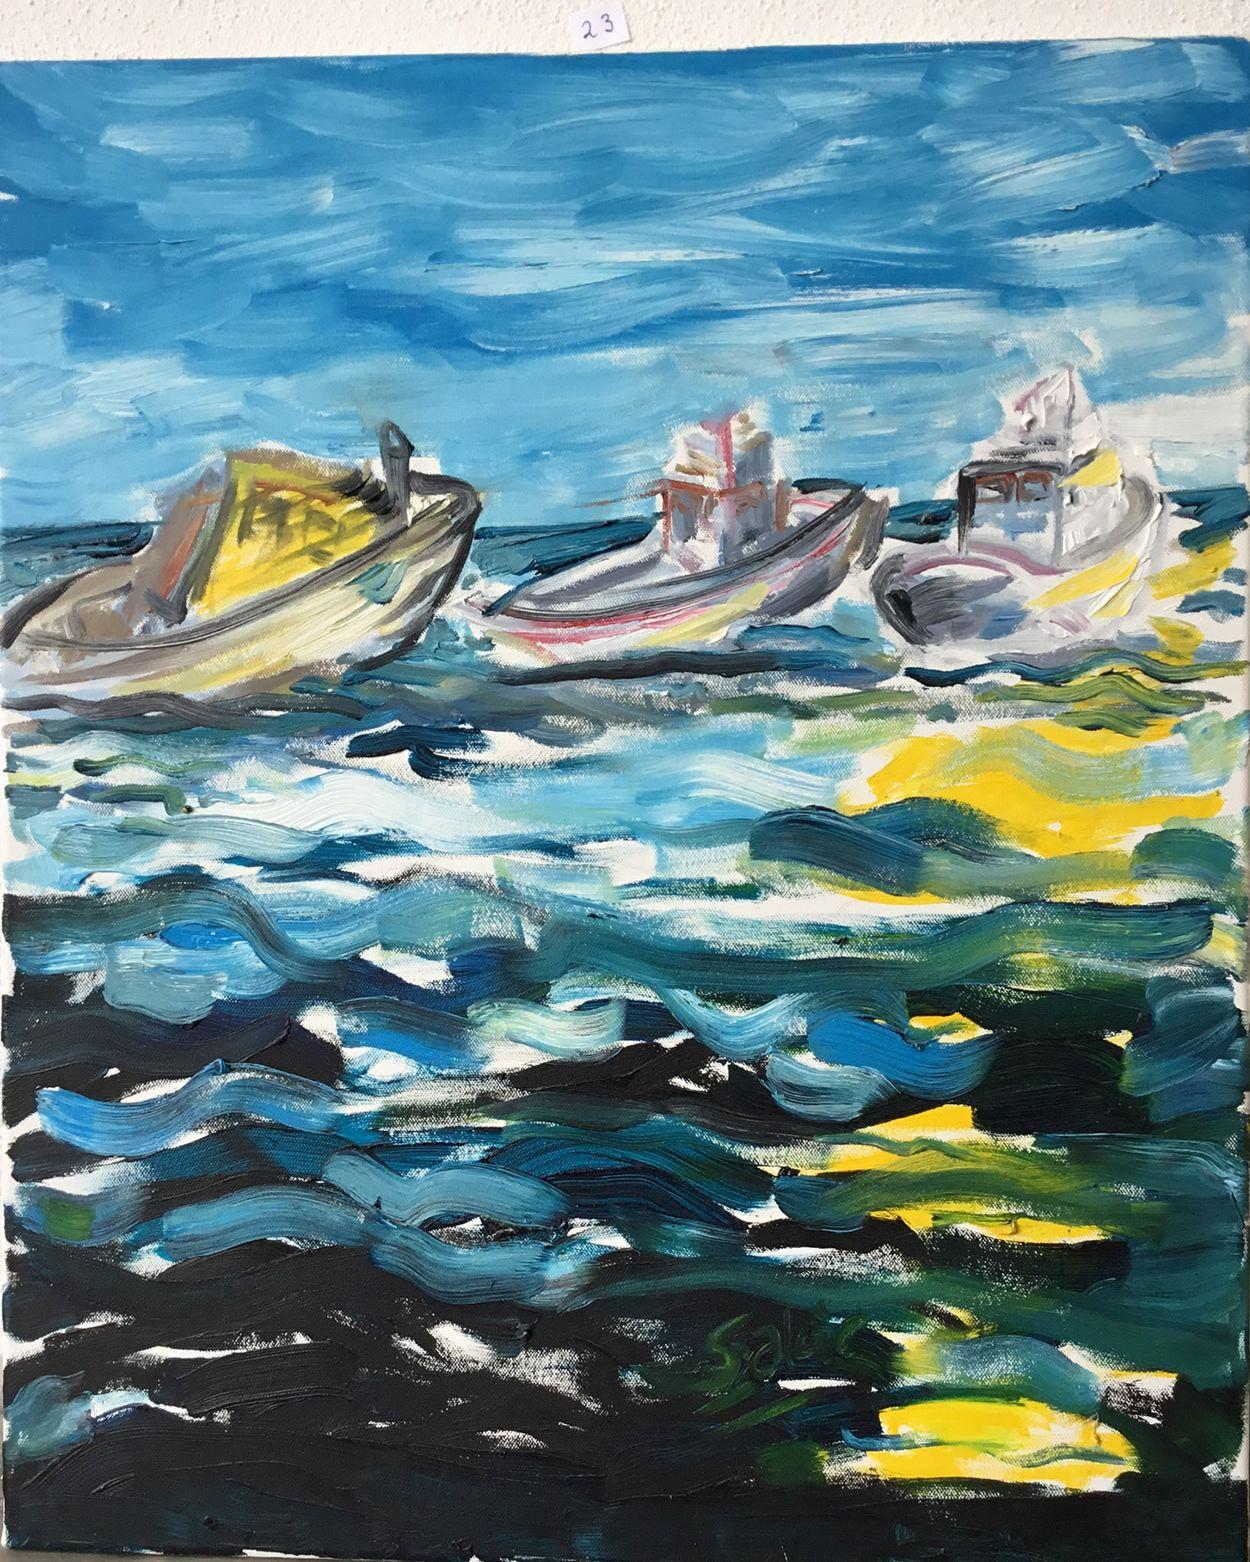 23.Fırtınada Üç Tekne, Tuval Üzerine Yağlıboya, 50×60